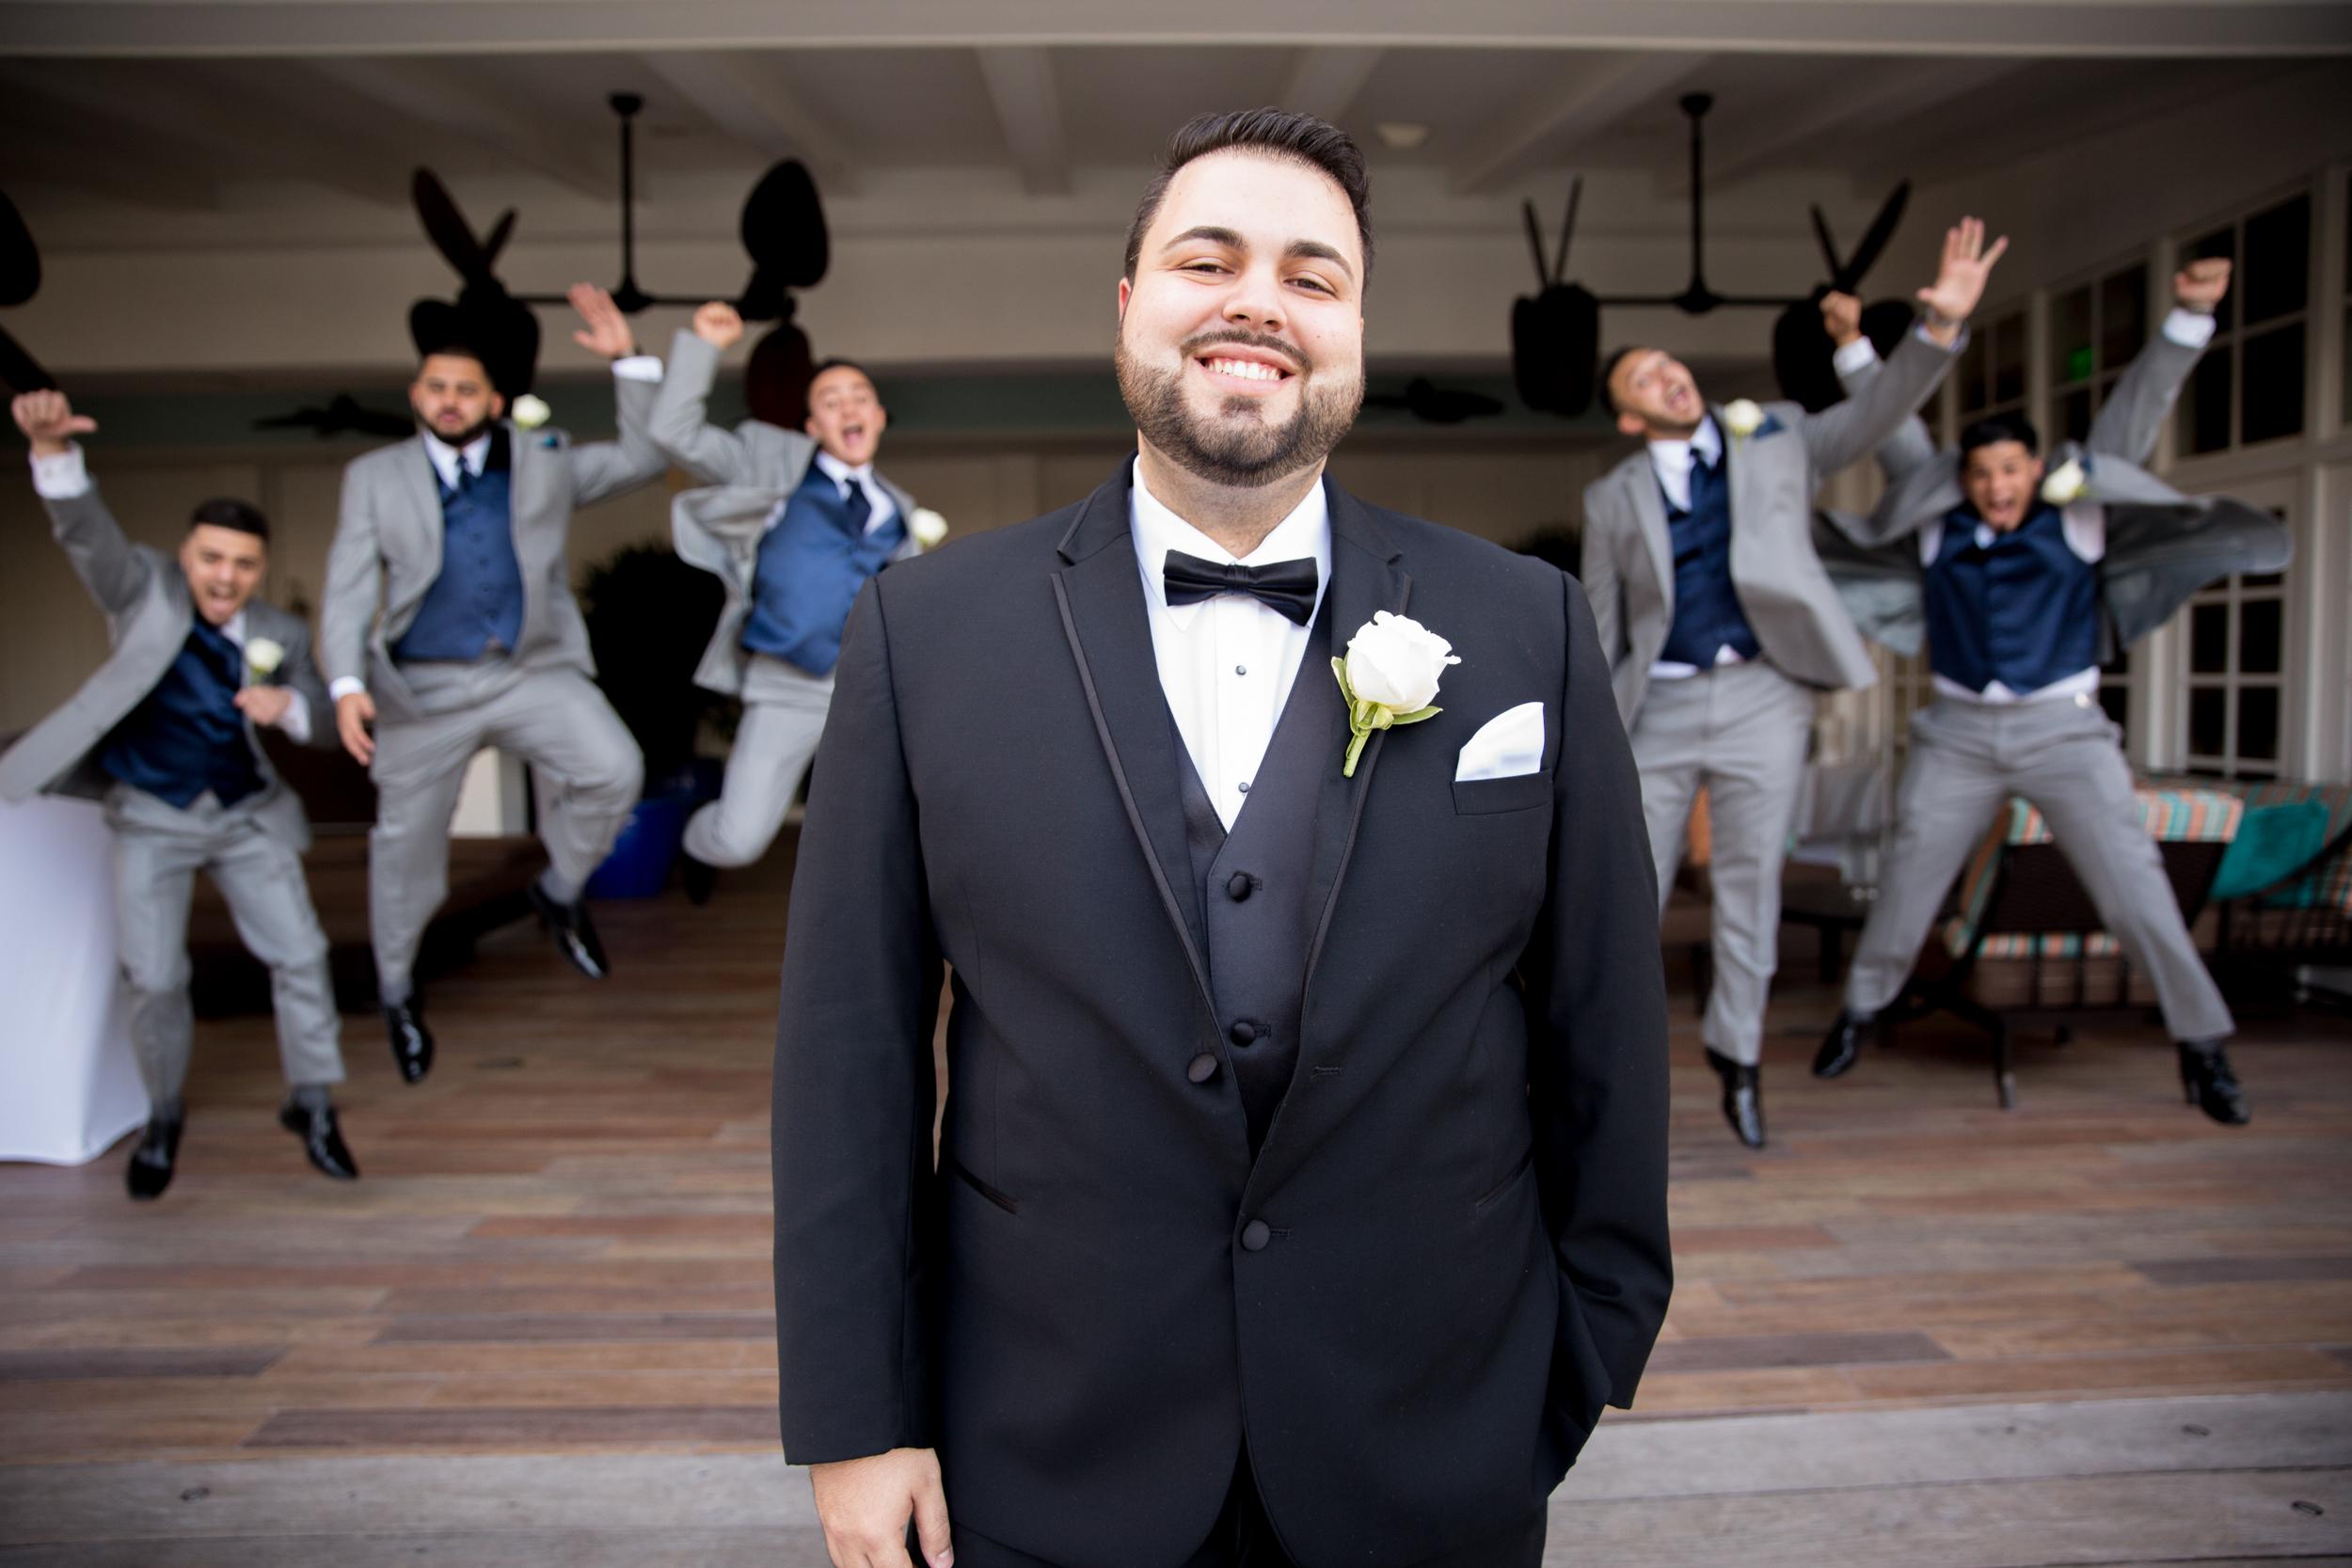 10-14-17_AshleyRichard_Wedding-39.jpg